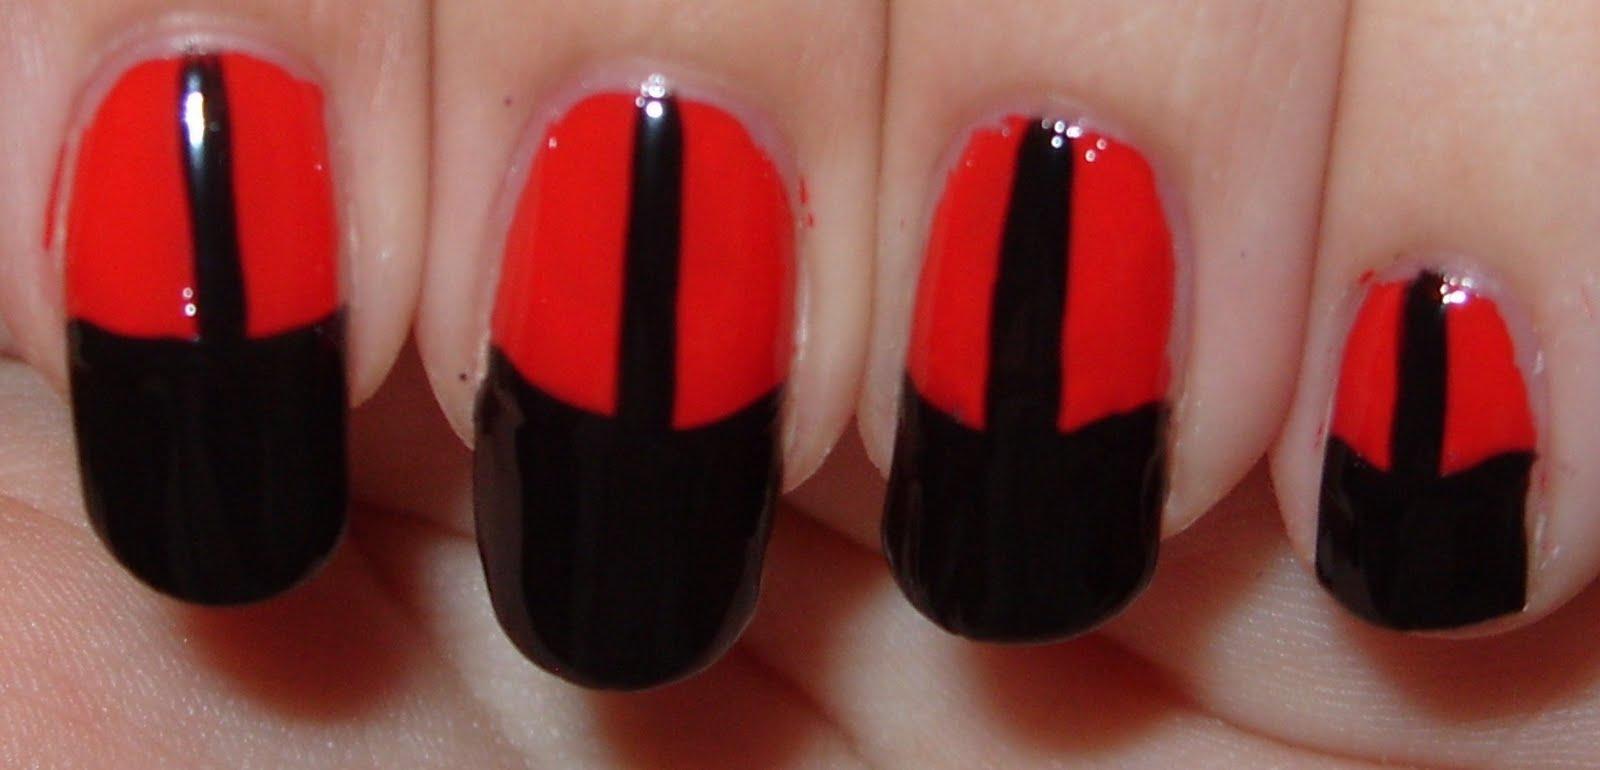 Sharihearts black red corset nail art black red corset nail art prinsesfo Choice Image